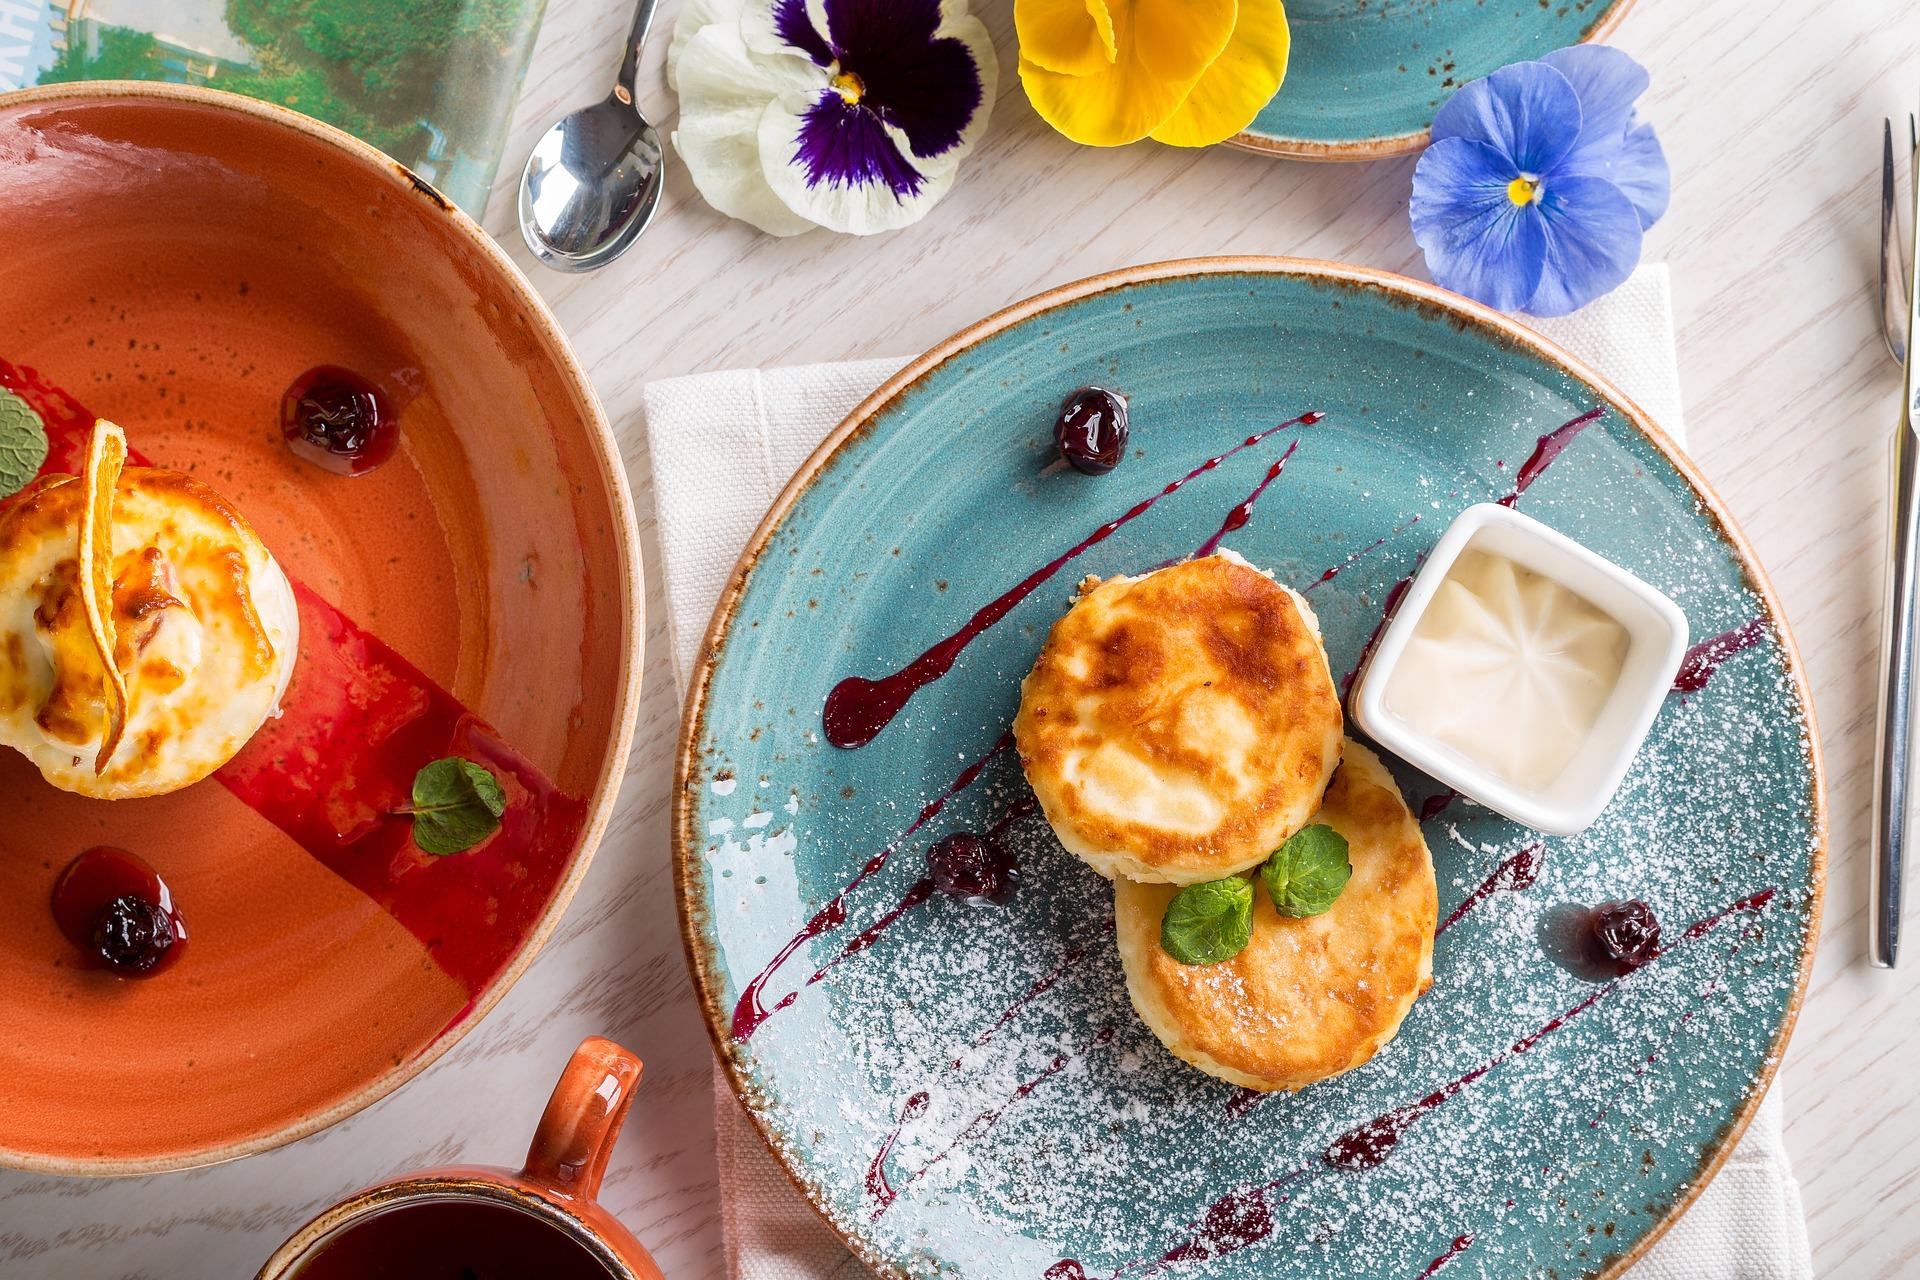 breakfast-2151201_1920.jpg